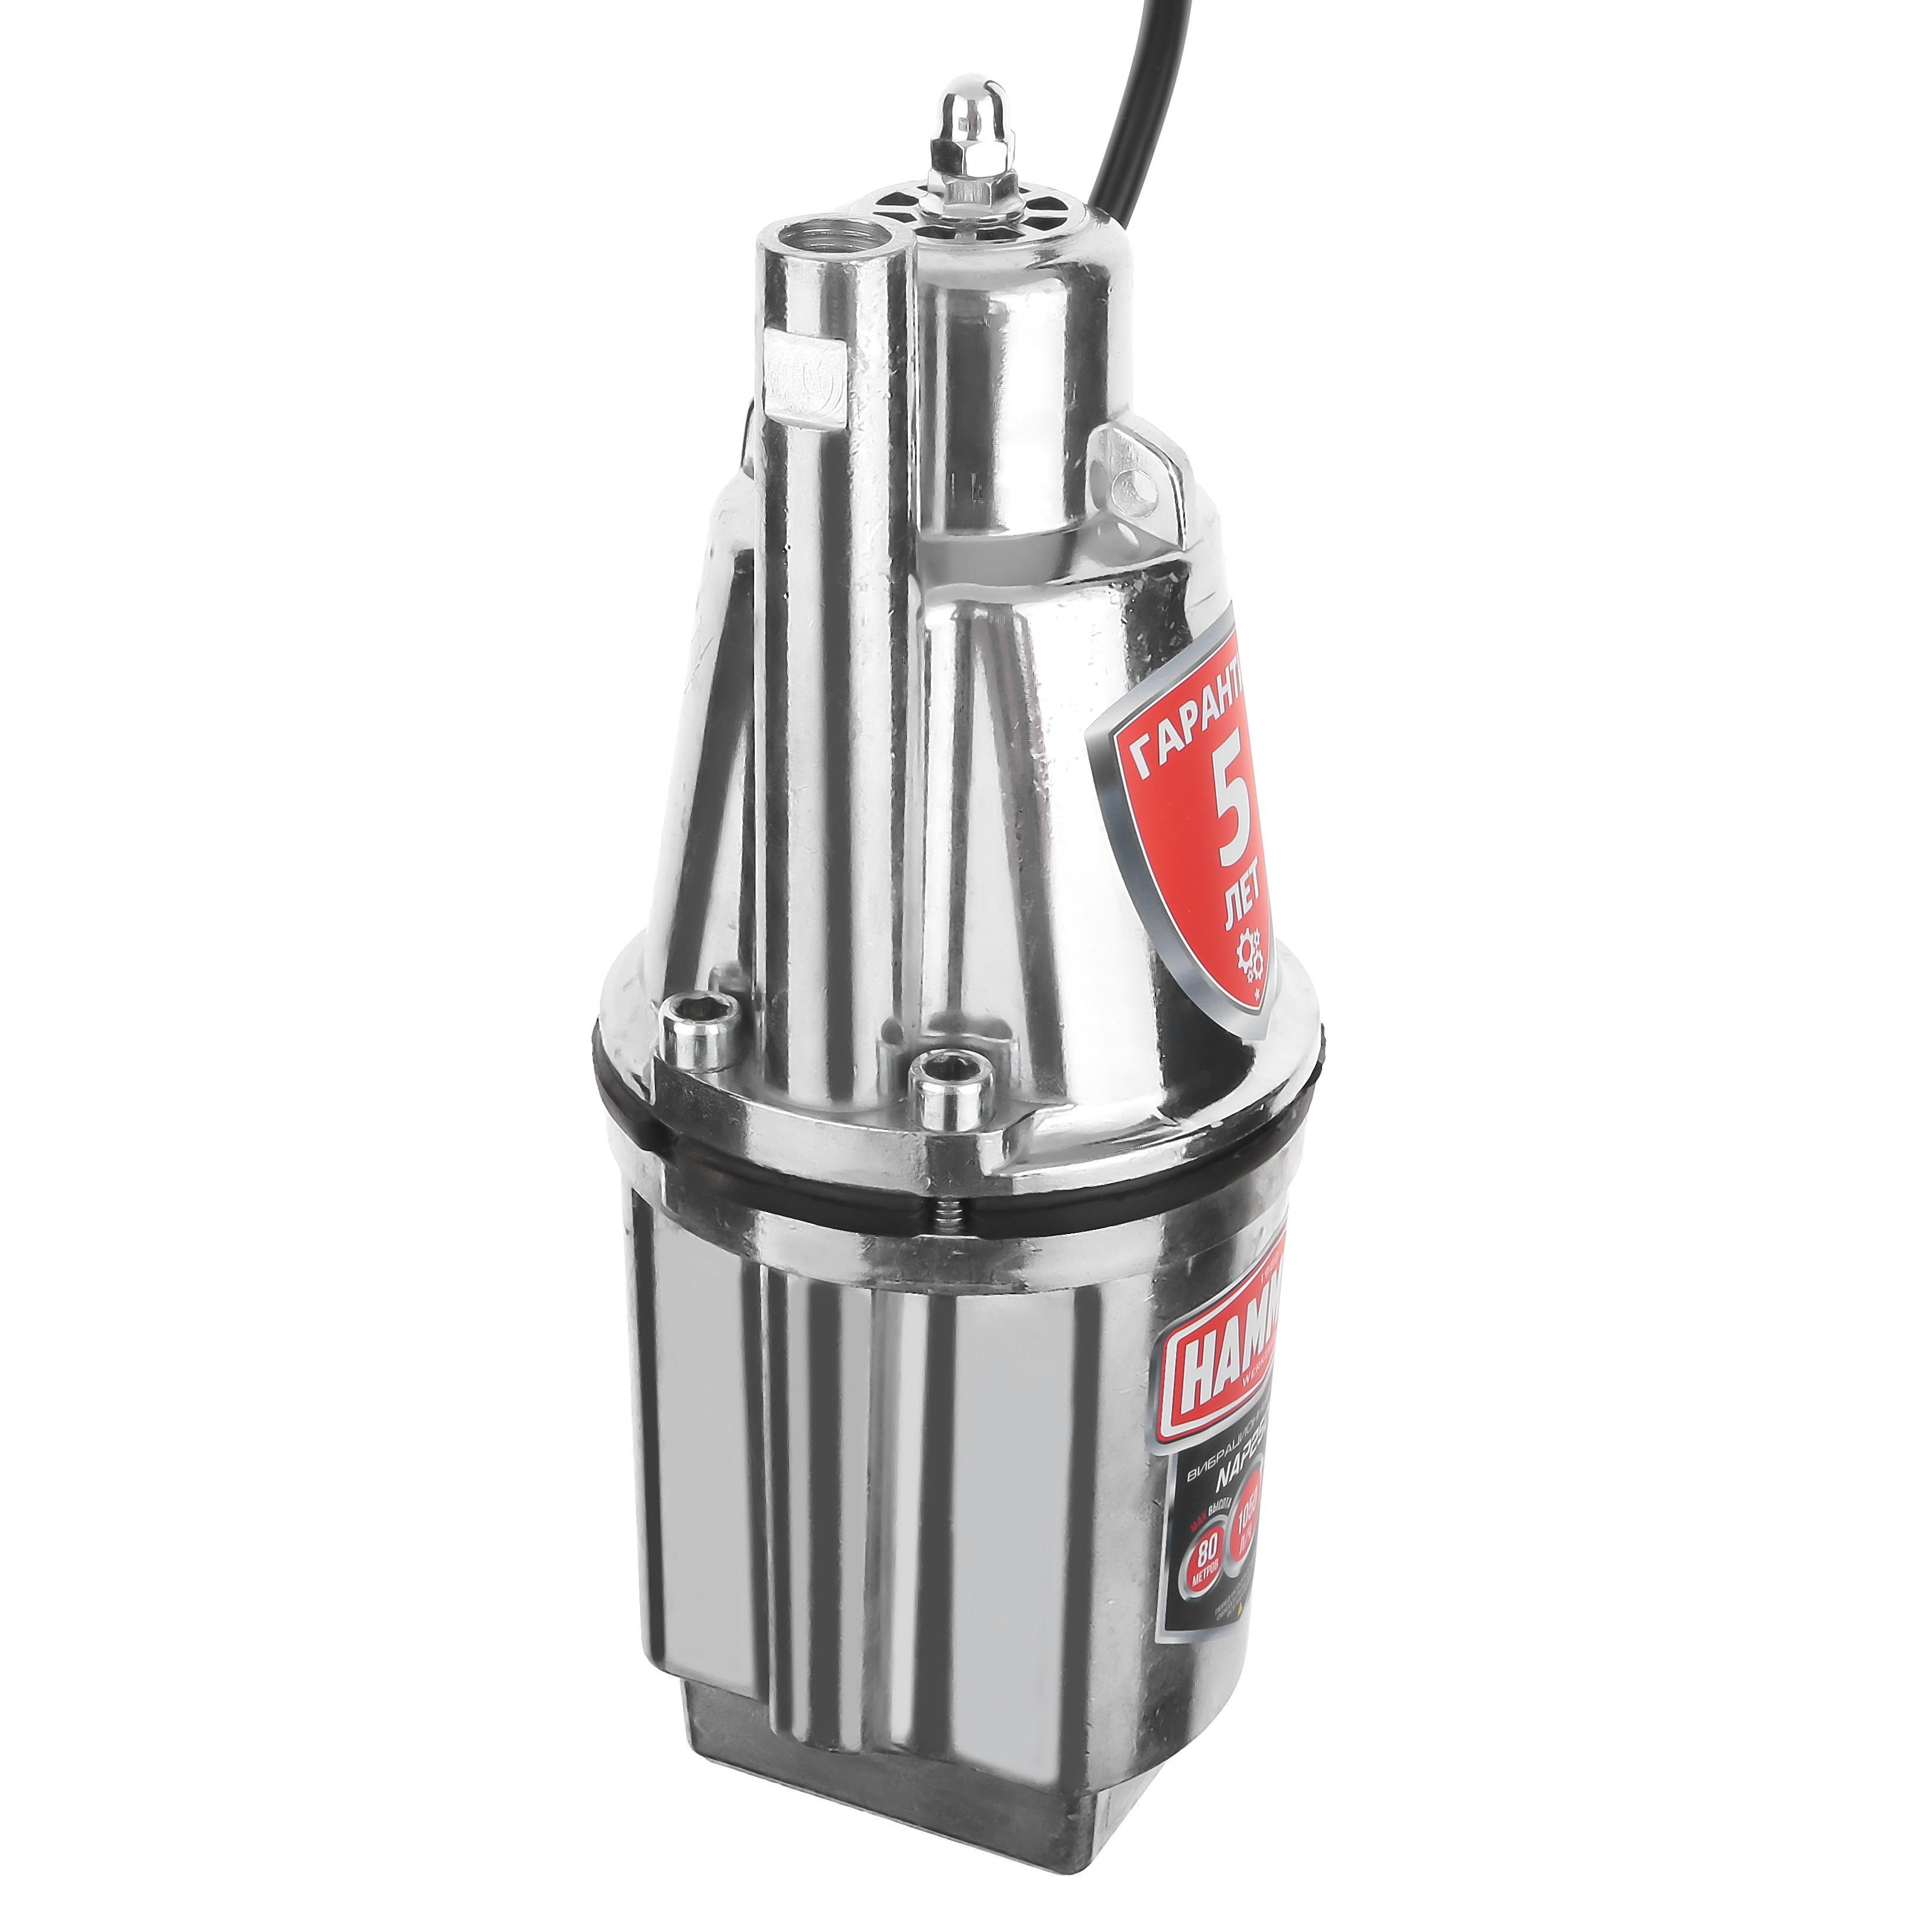 Вибрационный насос Hammer Nap250u(25) недорго, оригинальная цена